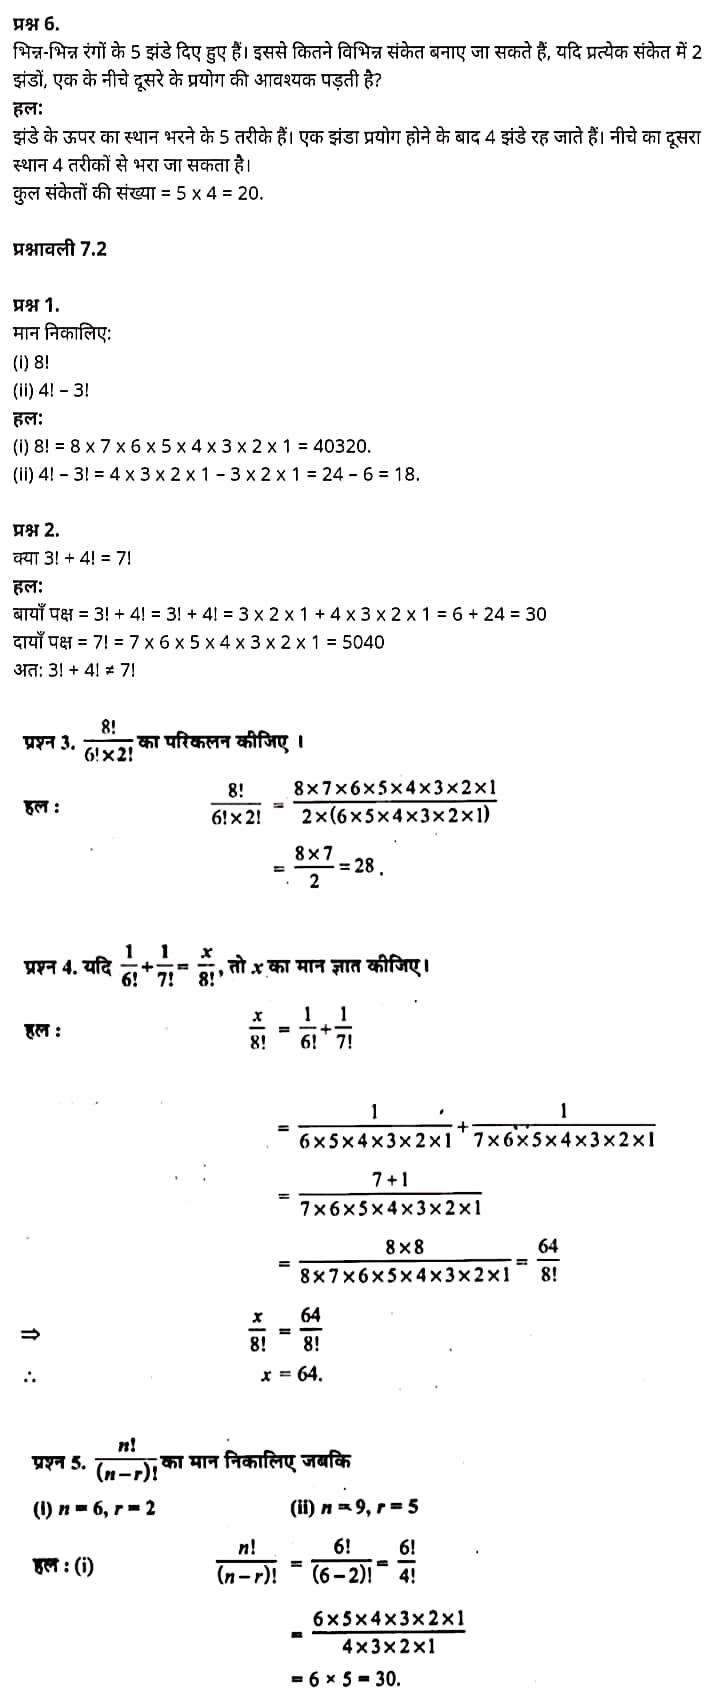 Permutations and Combinations,  permutations and combinationspractice,  permutations and combinationspdf,  permutations and combinationsexamples,  permutations and combinationscalculator,  permutations and combinationsworksheet,  permutationandcombination real life examples,  permutationandcombination meaning,  permutationandcombination concepts,   क्रमचय और संचय,  क्रमचय और संचय क्लास 11th,  क्रमचय की परिभाषा,  संचय की परिभाषा,  क्रमचय और संचय प्रश्न,  क्रमचय और संयोजन को परिभाषित,  क्रमचय किसे कहते है,  संचय क्या है,  संचय का अर्थ क्या है,    Class 11 matha Chapter 7,  class 11 matha chapter 7, ncert solutions in hindi,  class 11 matha chapter 7, notes in hindi,  class 11 matha chapter 7, question answer,  class 11 matha chapter 7, notes,  11 class matha chapter 7, in hindi,  class 11 matha chapter 7, in hindi,  class 11 matha chapter 7, important questions in hindi,  class 11 matha notes in hindi,   matha class 11 notes pdf,  matha Class 11 Notes 2021 NCERT,  matha Class 11 PDF,  matha book,  matha Quiz Class 11,  11th matha book up board,  up Board 11th matha Notes,  कक्षा 11 मैथ्स अध्याय 7,  कक्षा 11 मैथ्स का अध्याय 7, ncert solution in hindi,  कक्षा 11 मैथ्स के अध्याय 7, के नोट्स हिंदी में,  कक्षा 11 का मैथ्स अध्याय 7, का प्रश्न उत्तर,  कक्षा 11 मैथ्स अध्याय 7, के नोट्स,  11 कक्षा मैथ्स अध्याय 7, हिंदी में,  कक्षा 11 मैथ्स अध्याय 7, हिंदी में,  कक्षा 11 मैथ्स अध्याय 7, महत्वपूर्ण प्रश्न हिंदी में,  कक्षा 11 के मैथ्स के नोट्स हिंदी में,  मैथ्स कक्षा 11 नोट्स pdf,  मैथ्स कक्षा 11 नोट्स 2021 NCERT,  मैथ्स कक्षा 11 PDF,  मैथ्स पुस्तक,  मैथ्स की बुक,  मैथ्स प्रश्नोत्तरी Class 11, 11 वीं मैथ्स पुस्तक up board,  बिहार बोर्ड 11 वीं मैथ्स नोट्स,